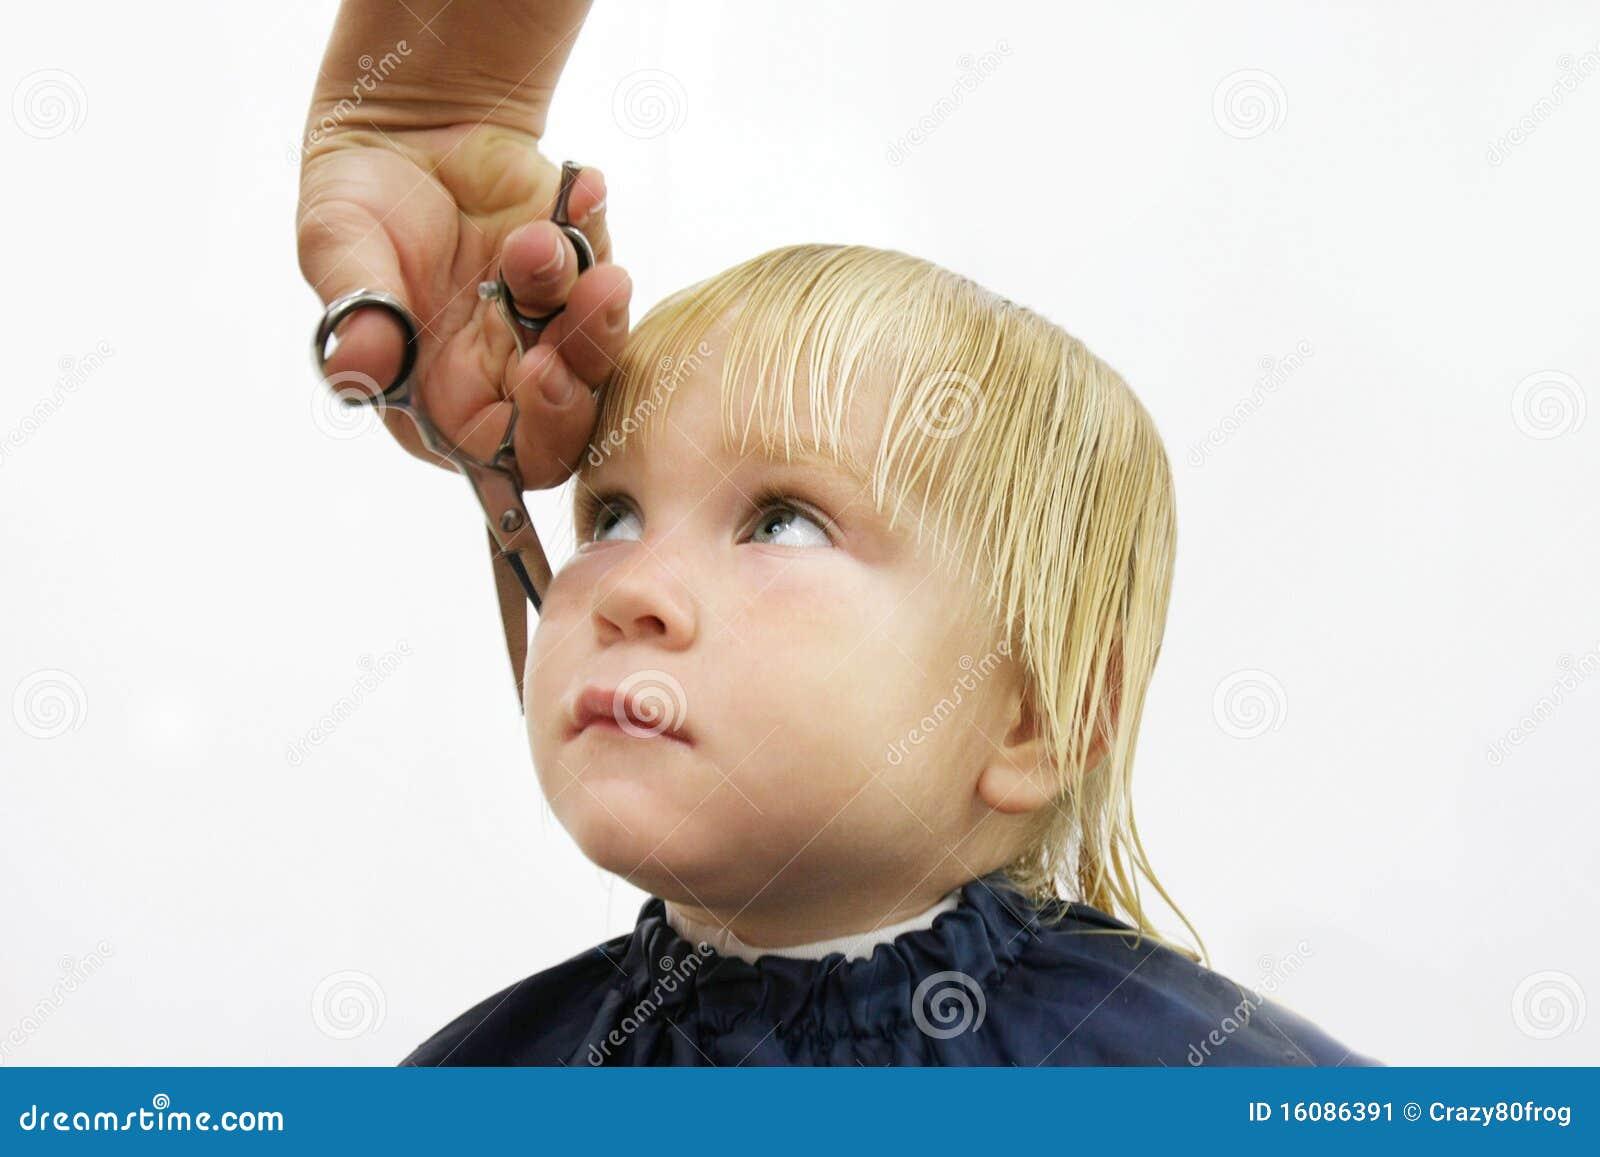 Kleinkind Das Haarschnitt Erhält Stockbild Bild Von Blond